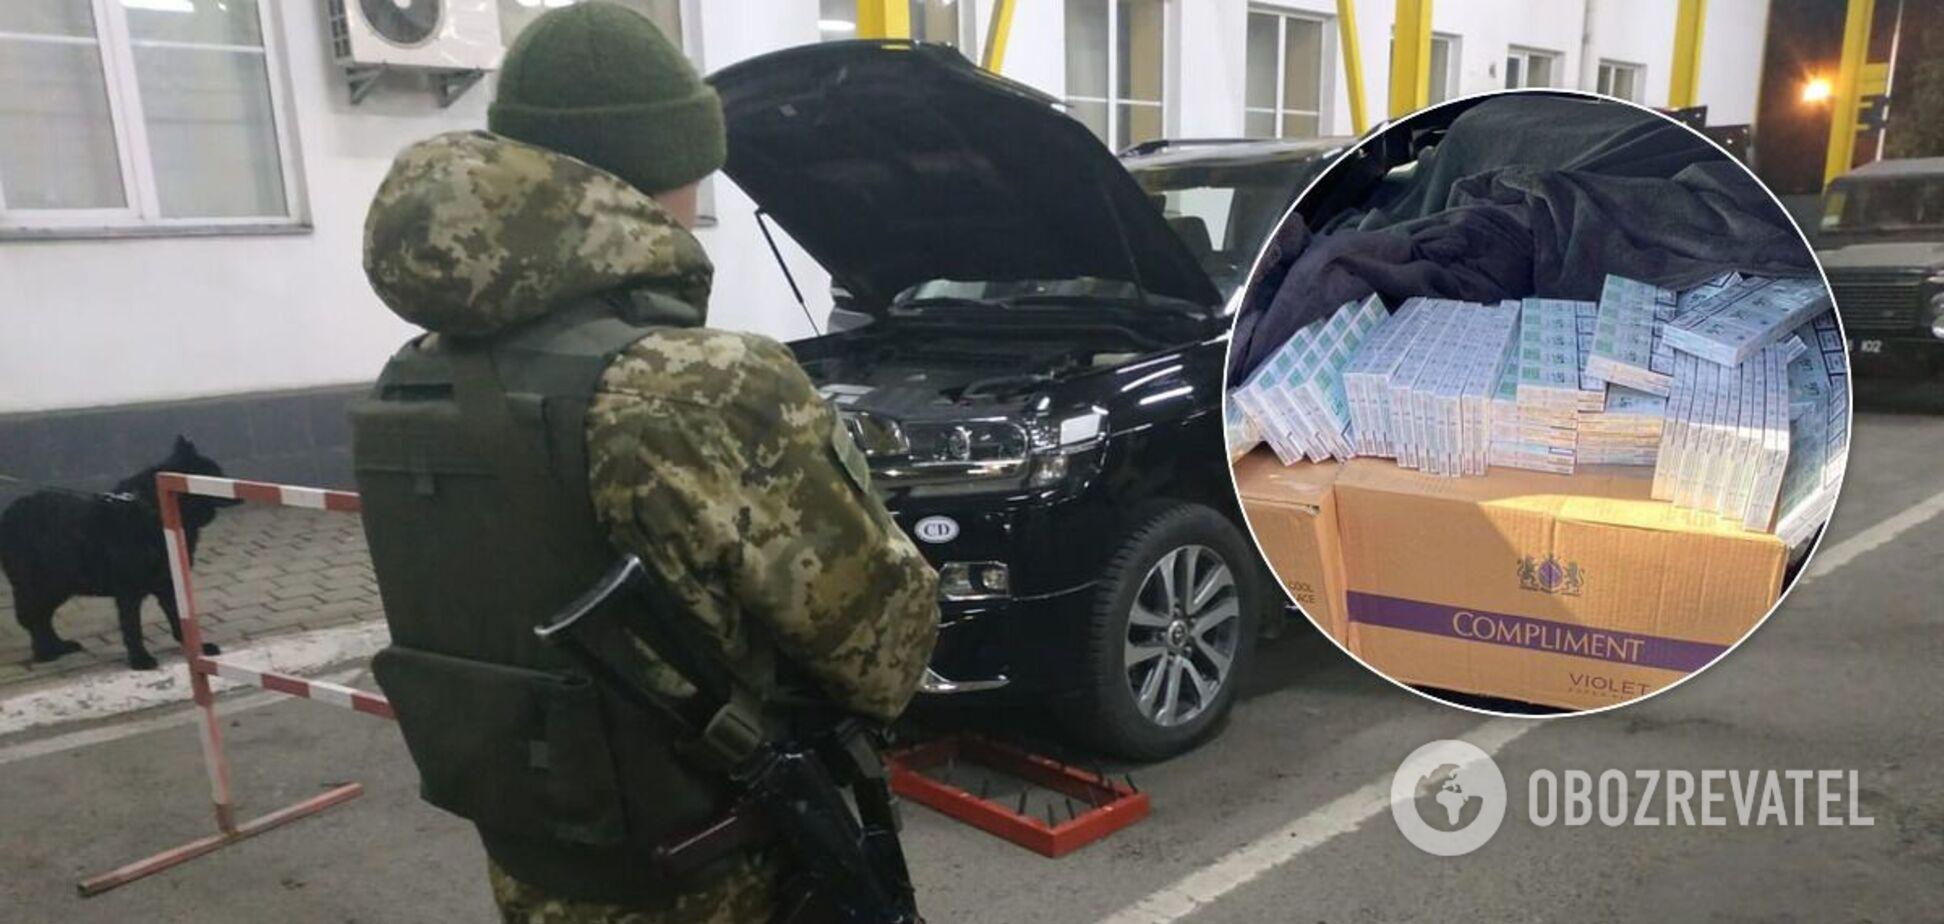 На венгерской границе задержали 10 тысяч контрабандных сигарет из Украины